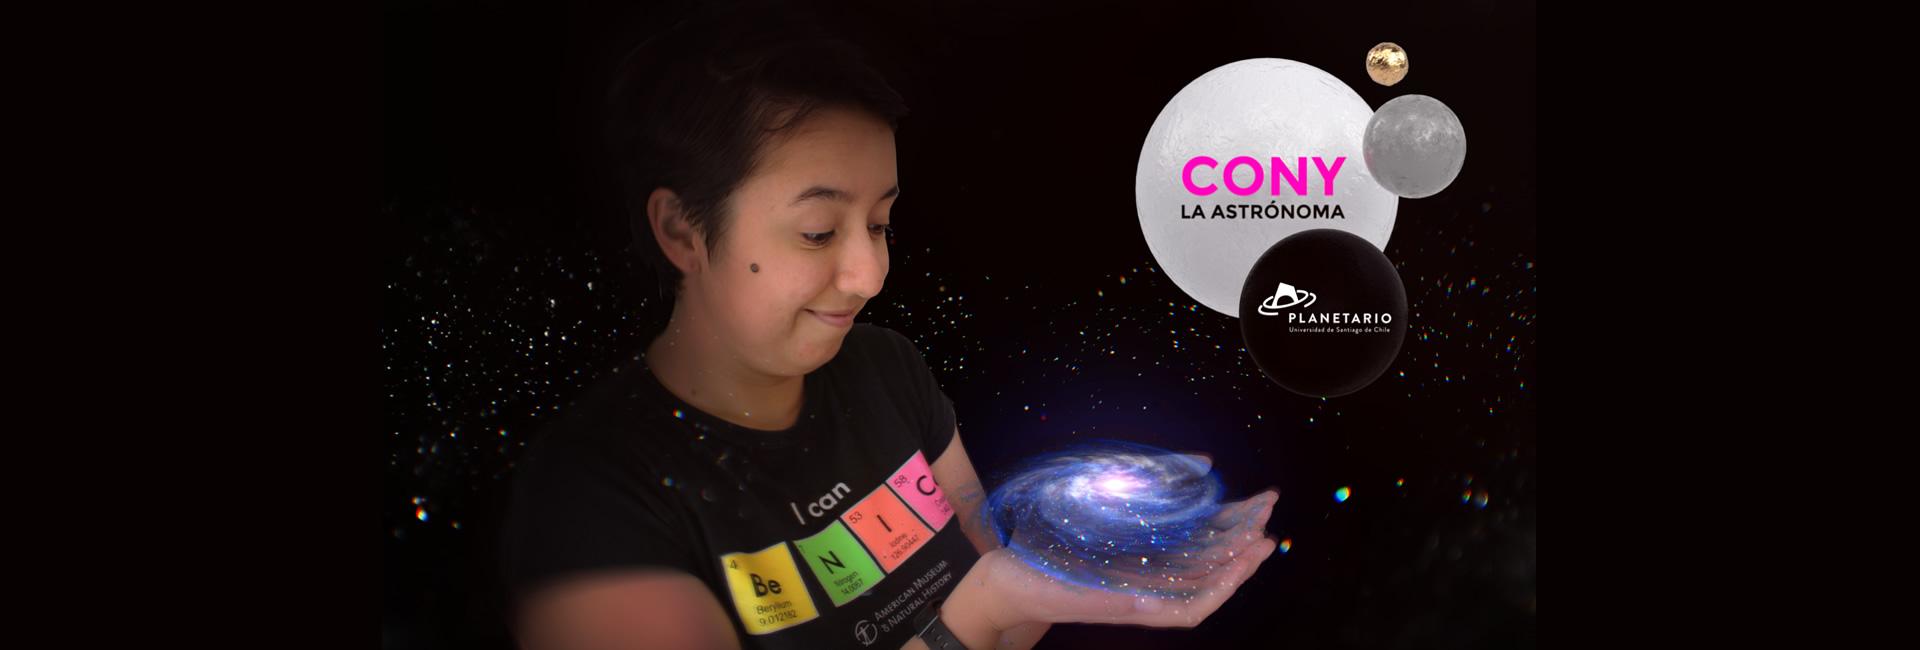 Cony_galaxy